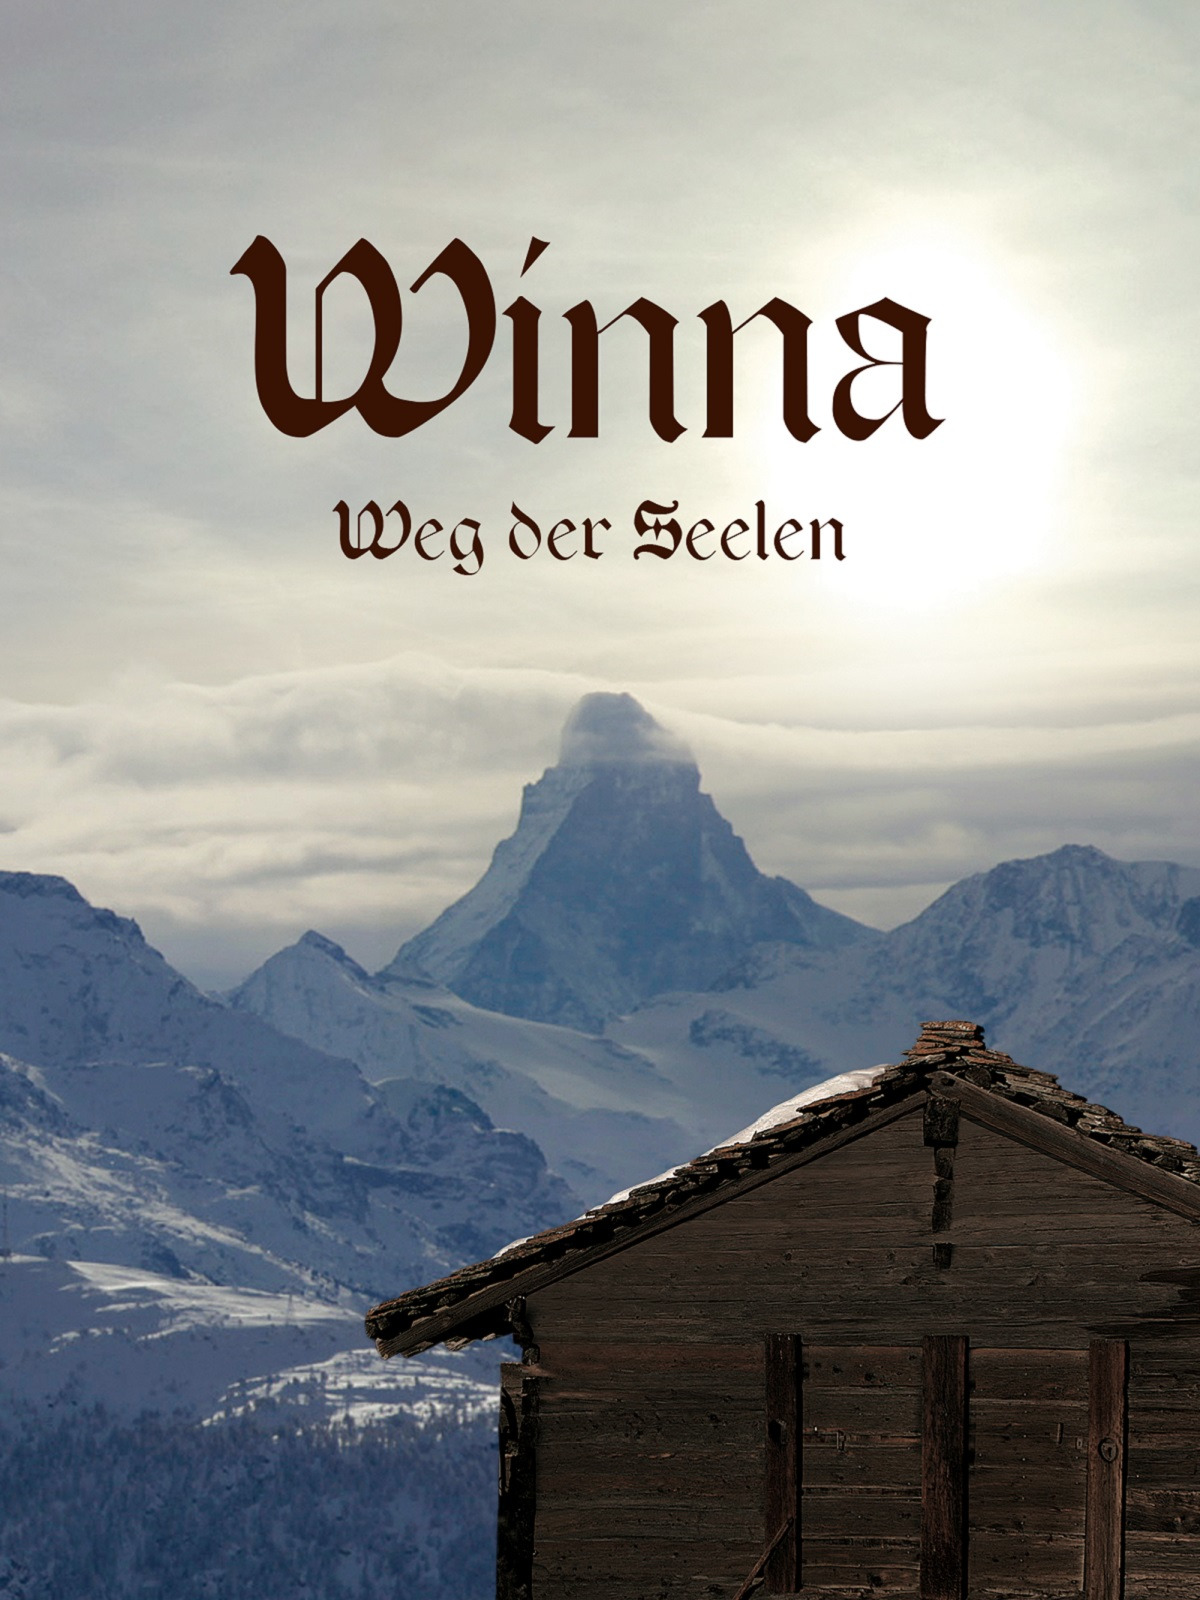 Winna: Weg der Seelen